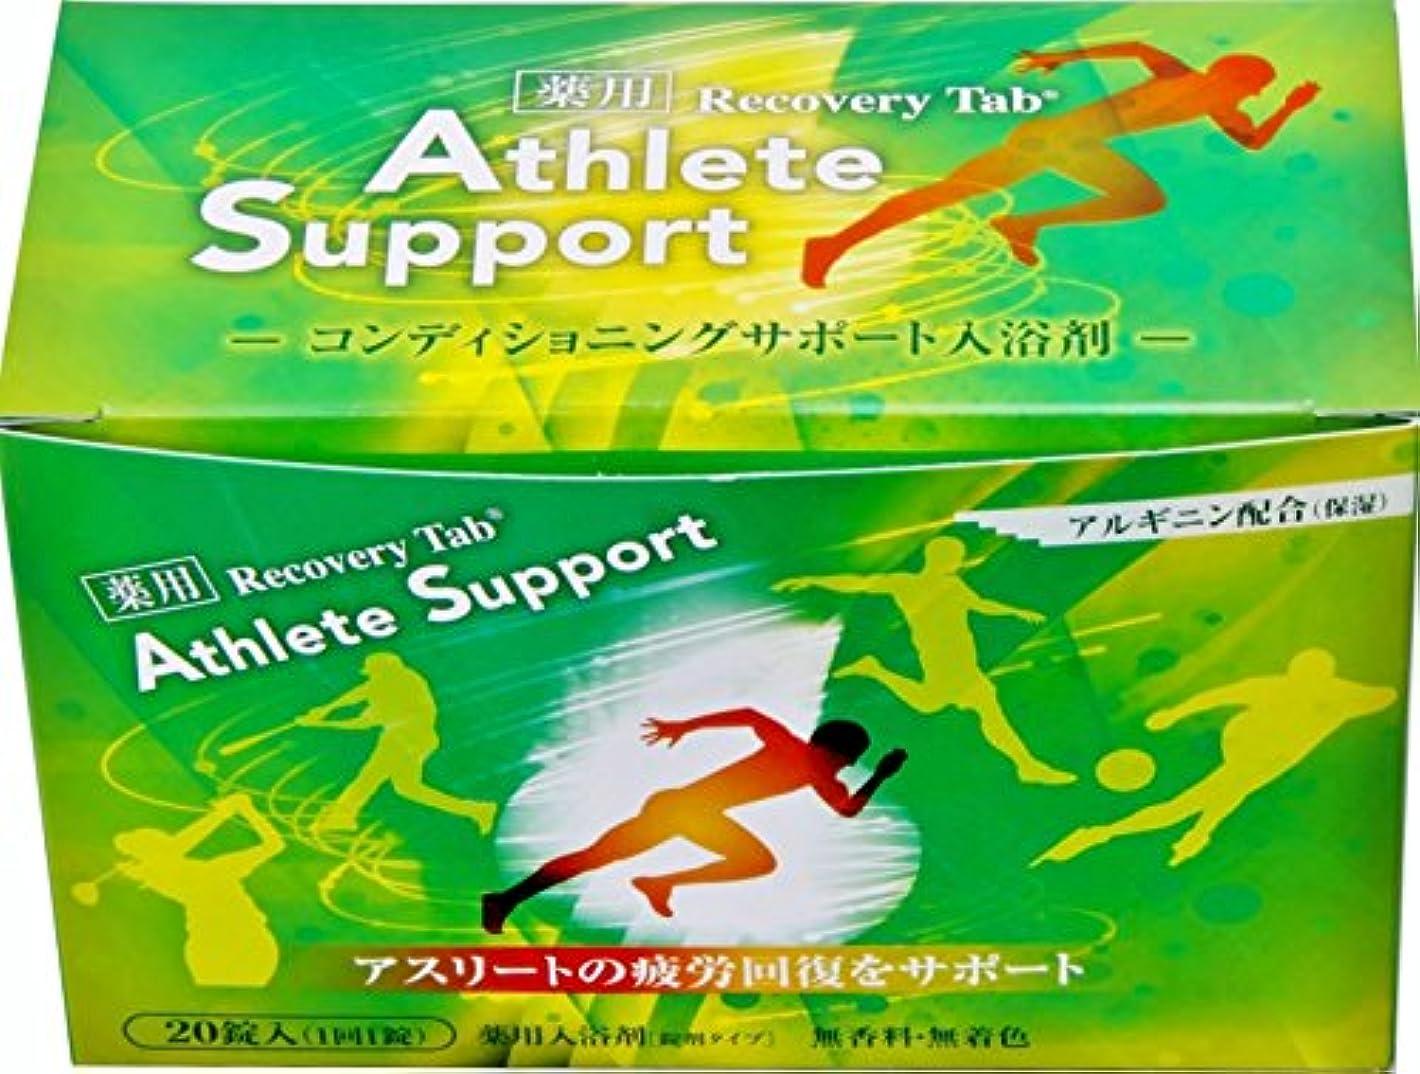 借りている減衰マザーランドRecovery Tab 薬用 重炭酸入浴剤 アスリートサポート 20錠入り(個包装)